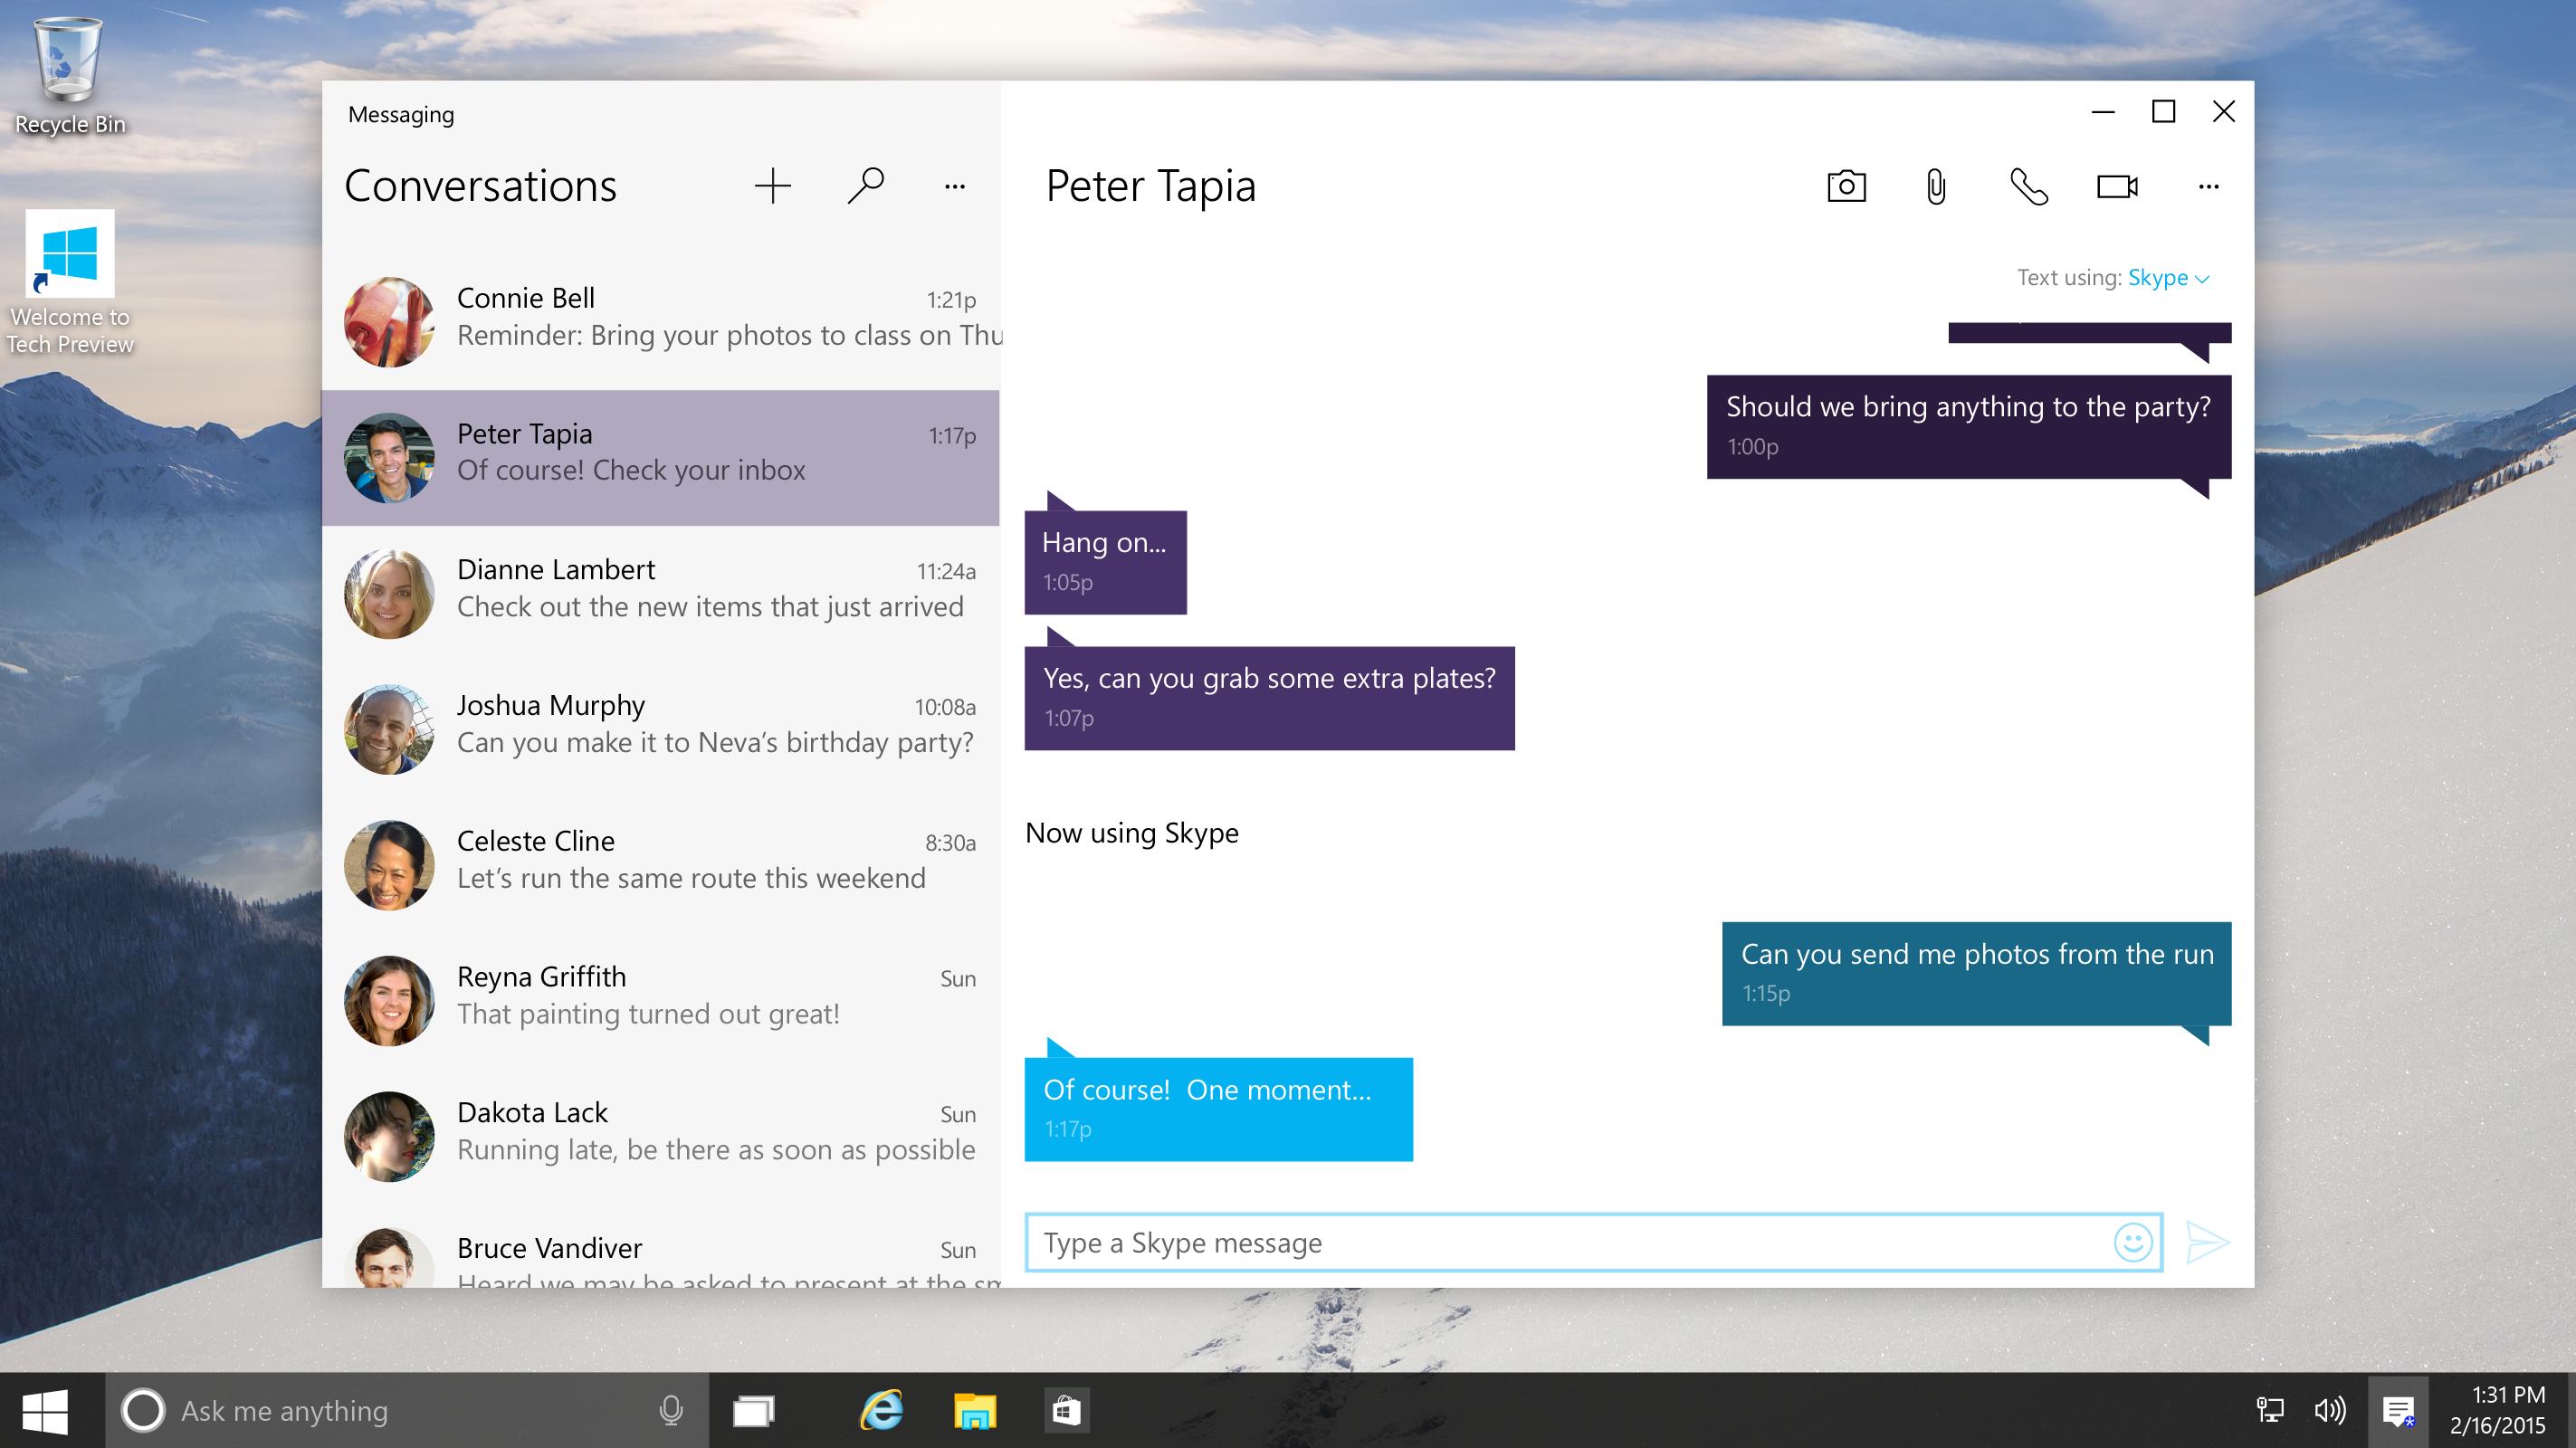 Microsoft har lansert Skype-integrering i Windows 10